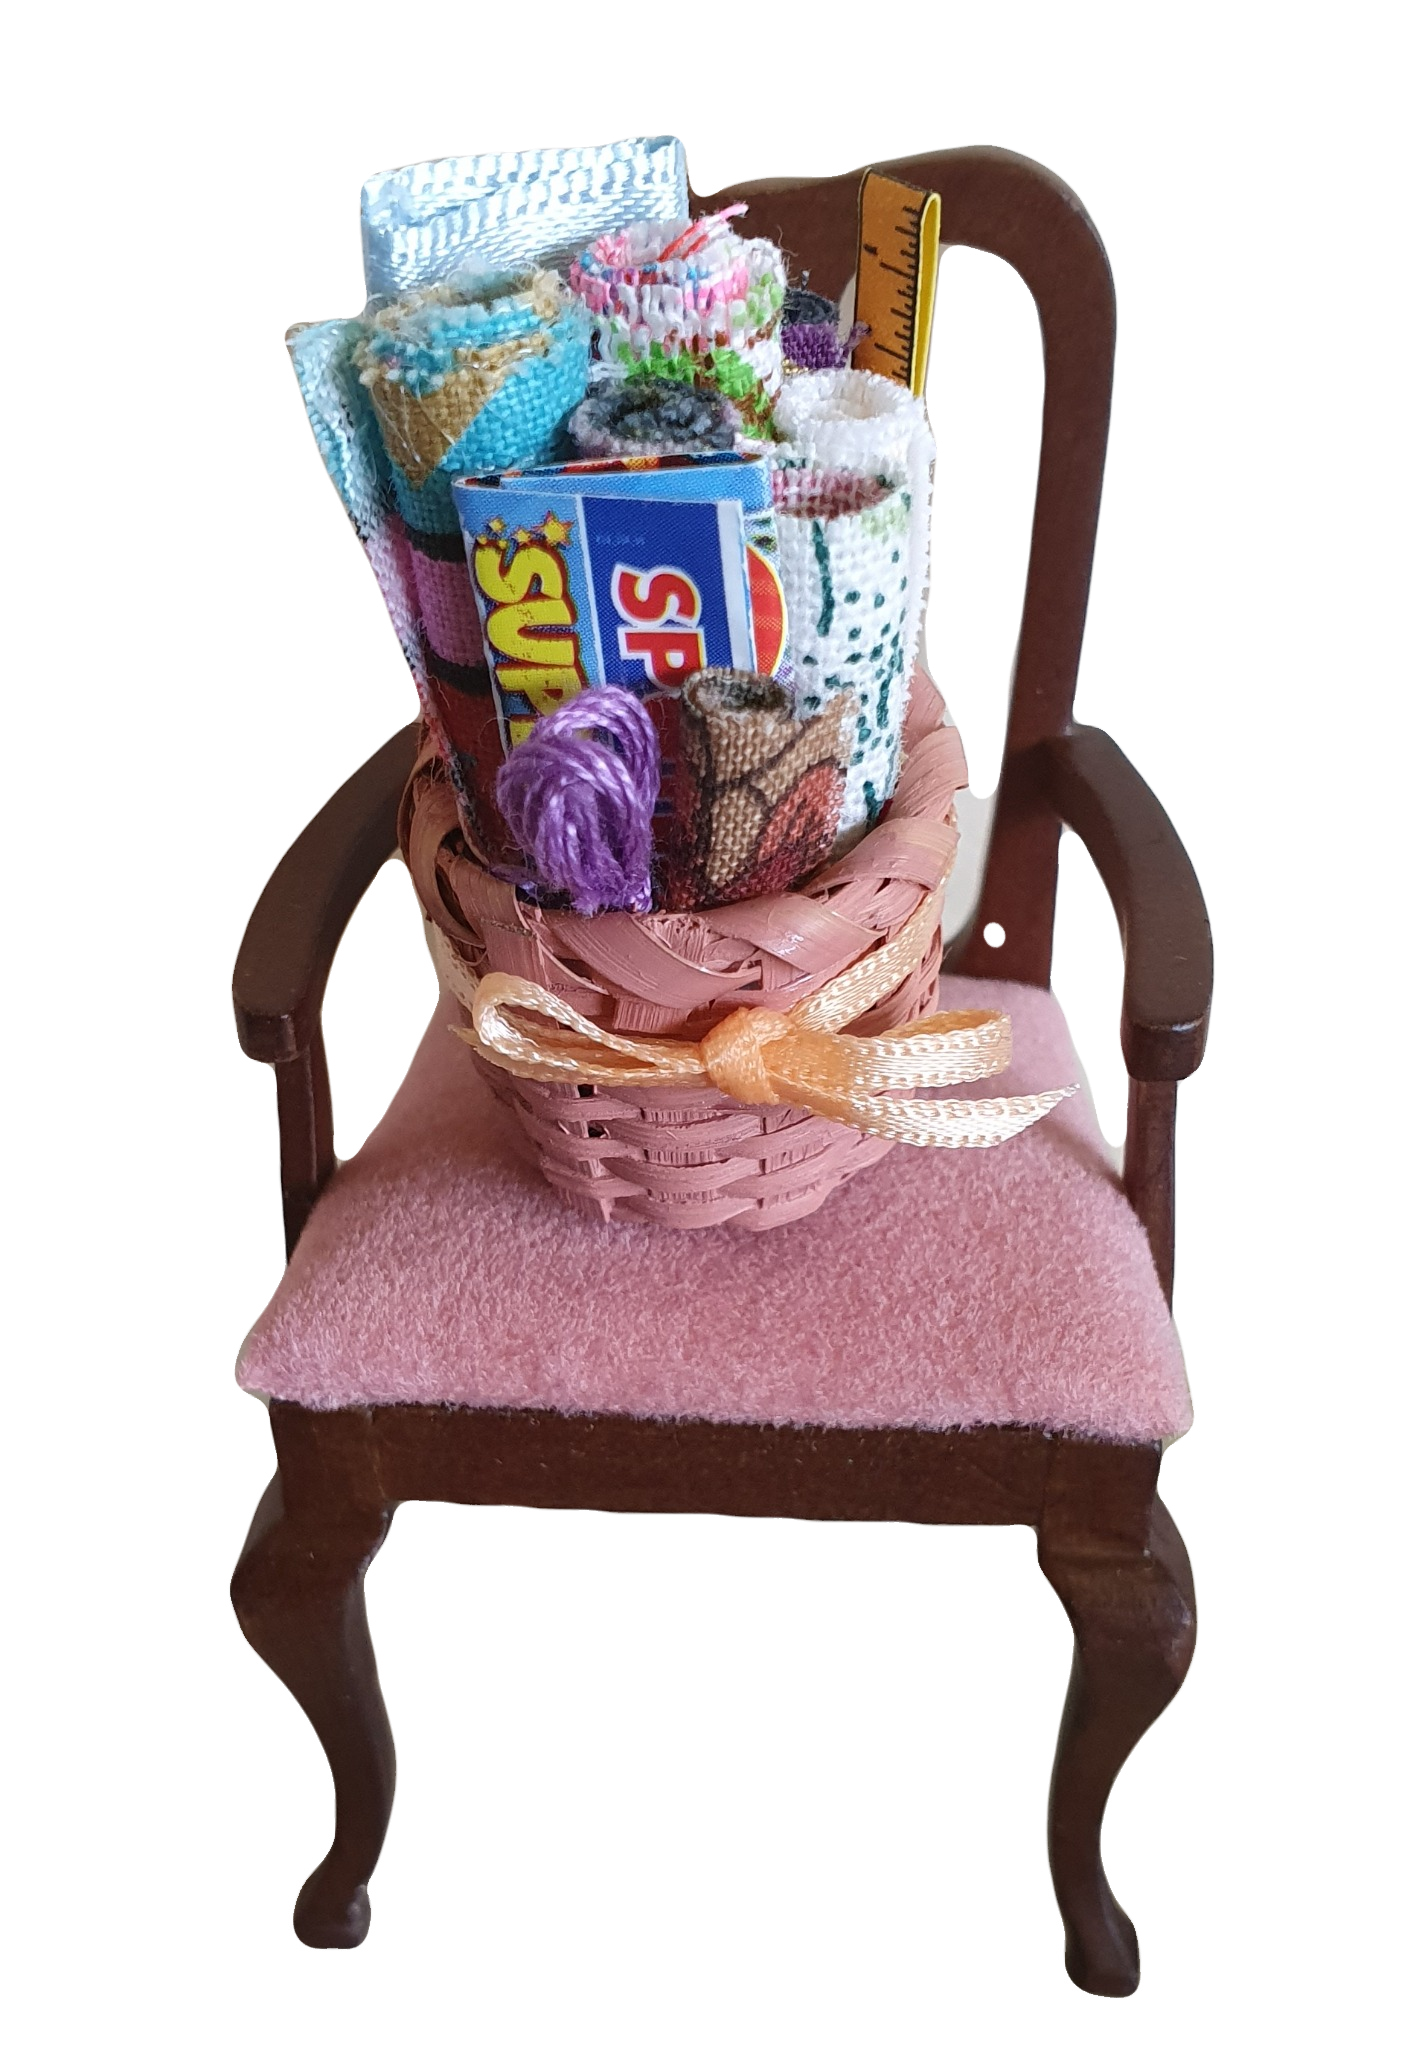 Round Basket w Materials $3